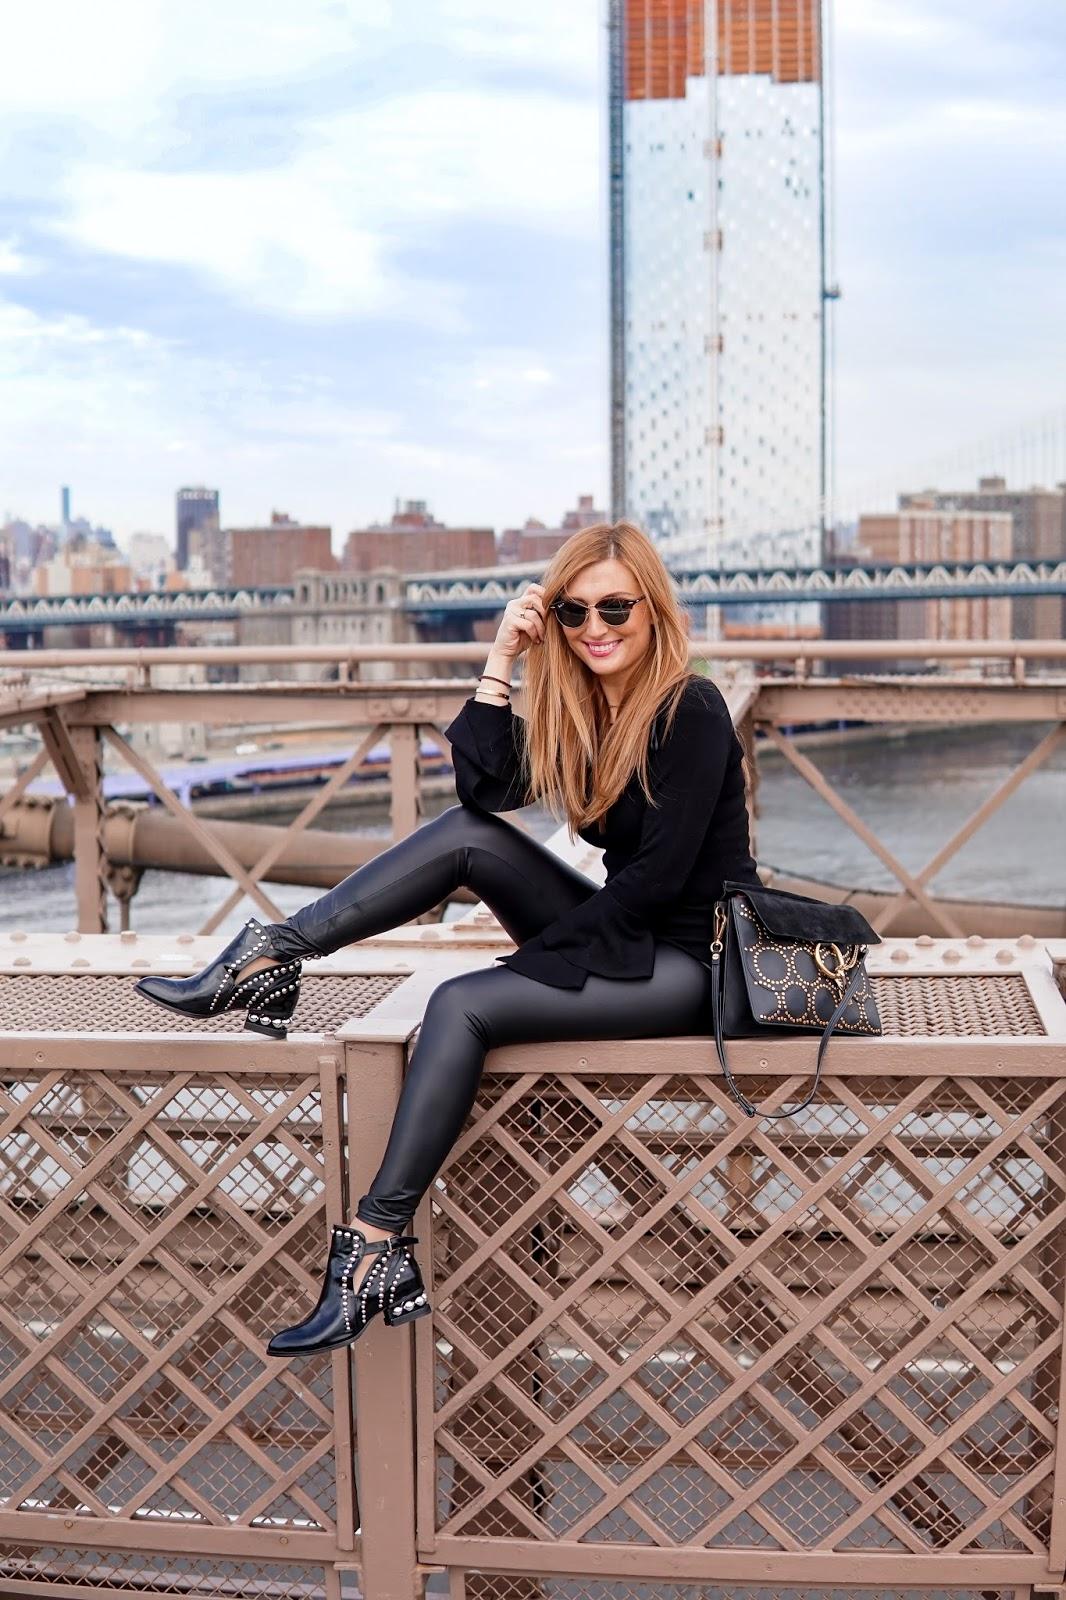 Just-black-lederleggings-schwarze-leggings-bloggertstyle-fashionblogger-outfitinspiration-brooklynbridge-olivia-palermo-style-fashionstylebyjohanna